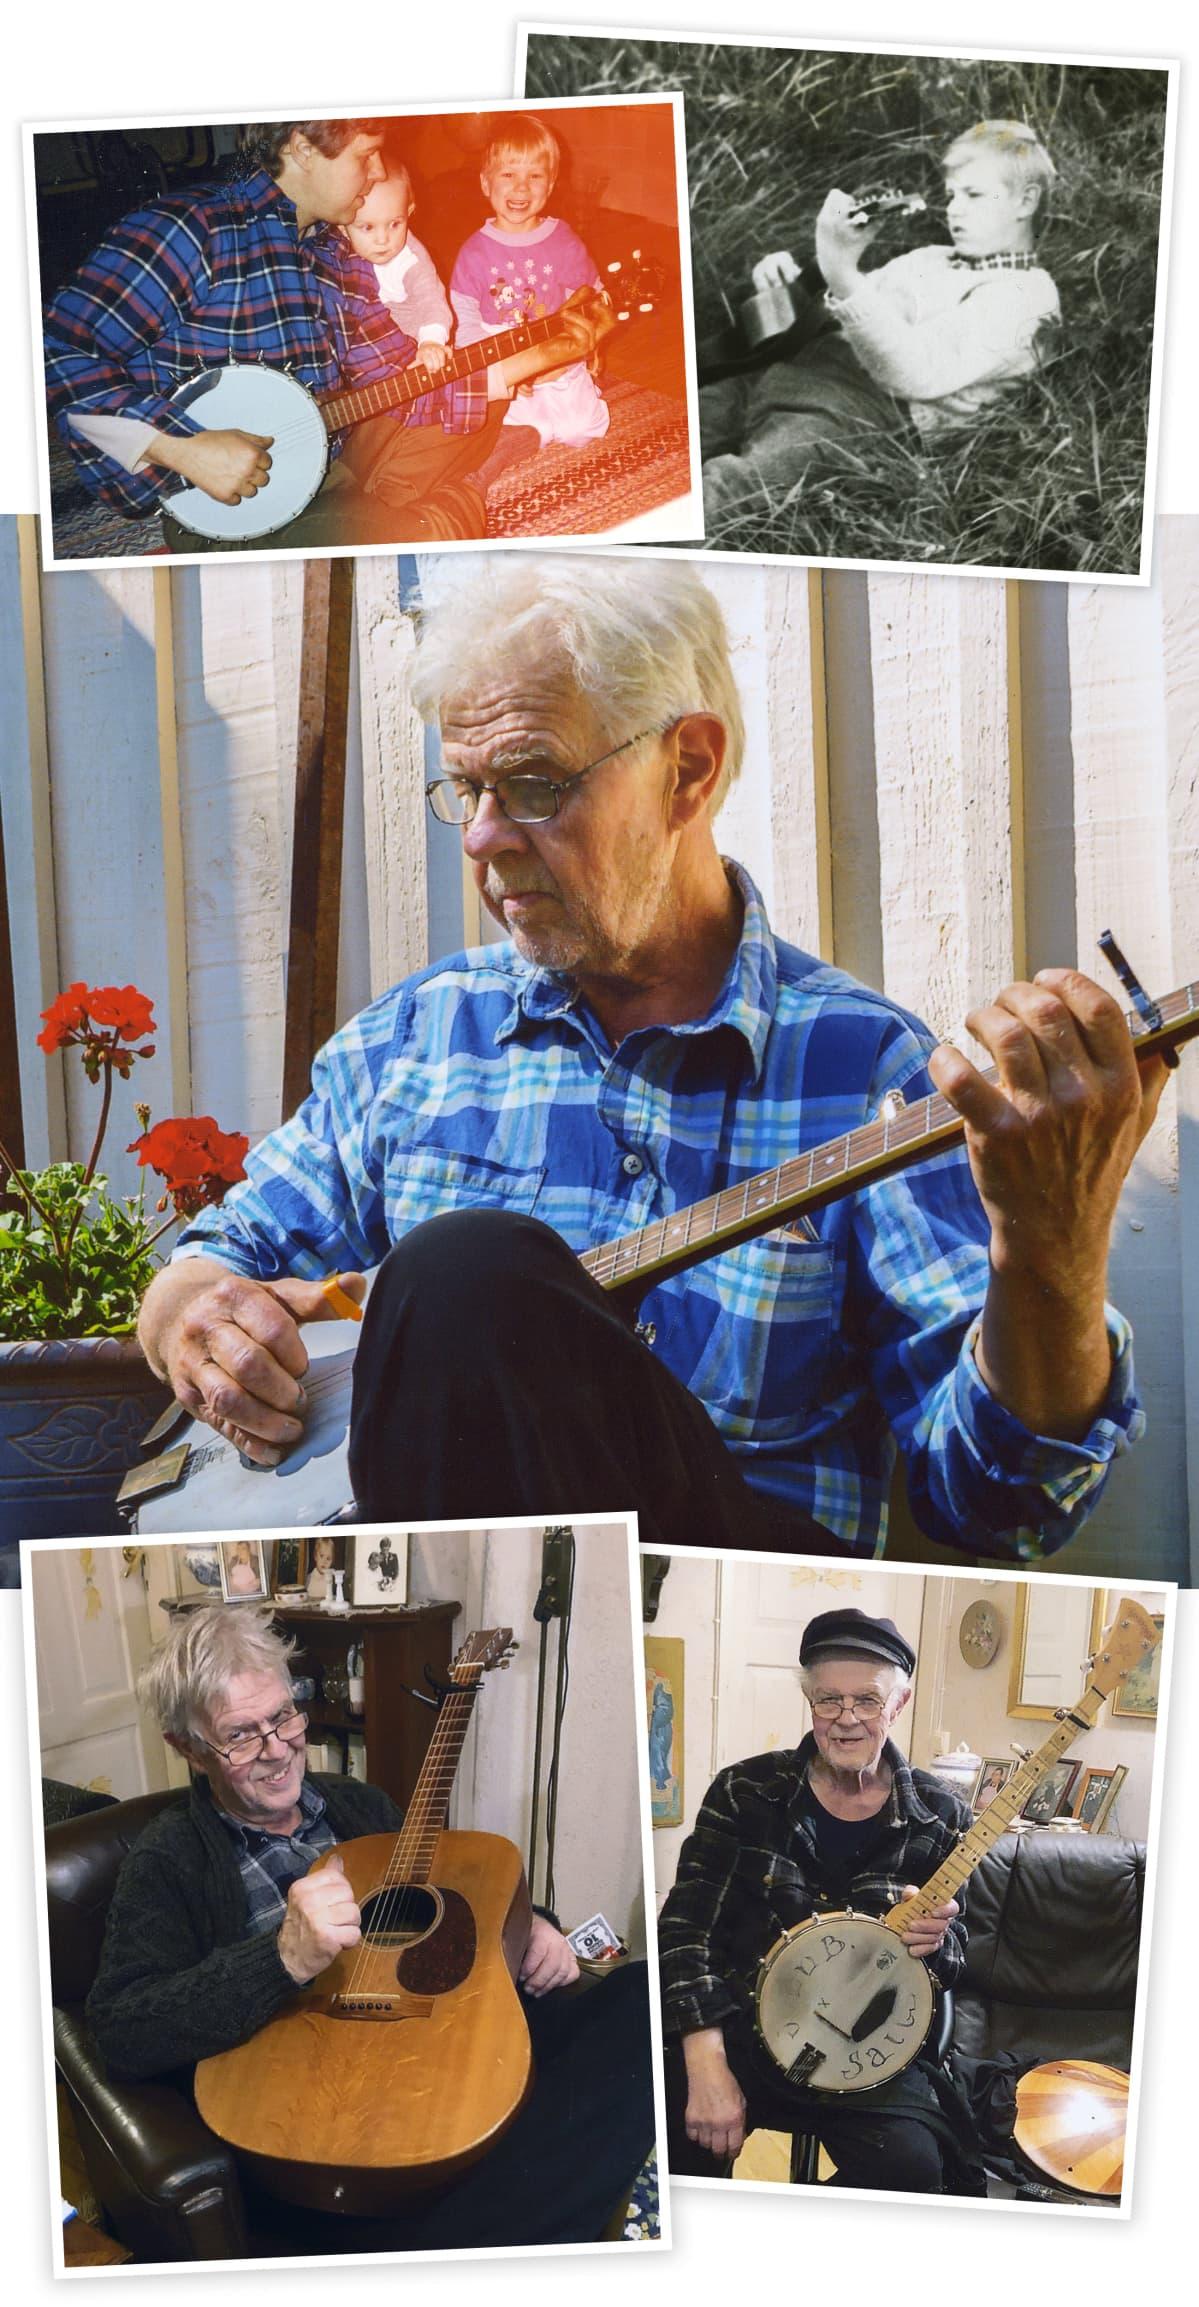 Antti Lehtisen valokuvia, joissa hän soittaa banjoa ja kitaraa.